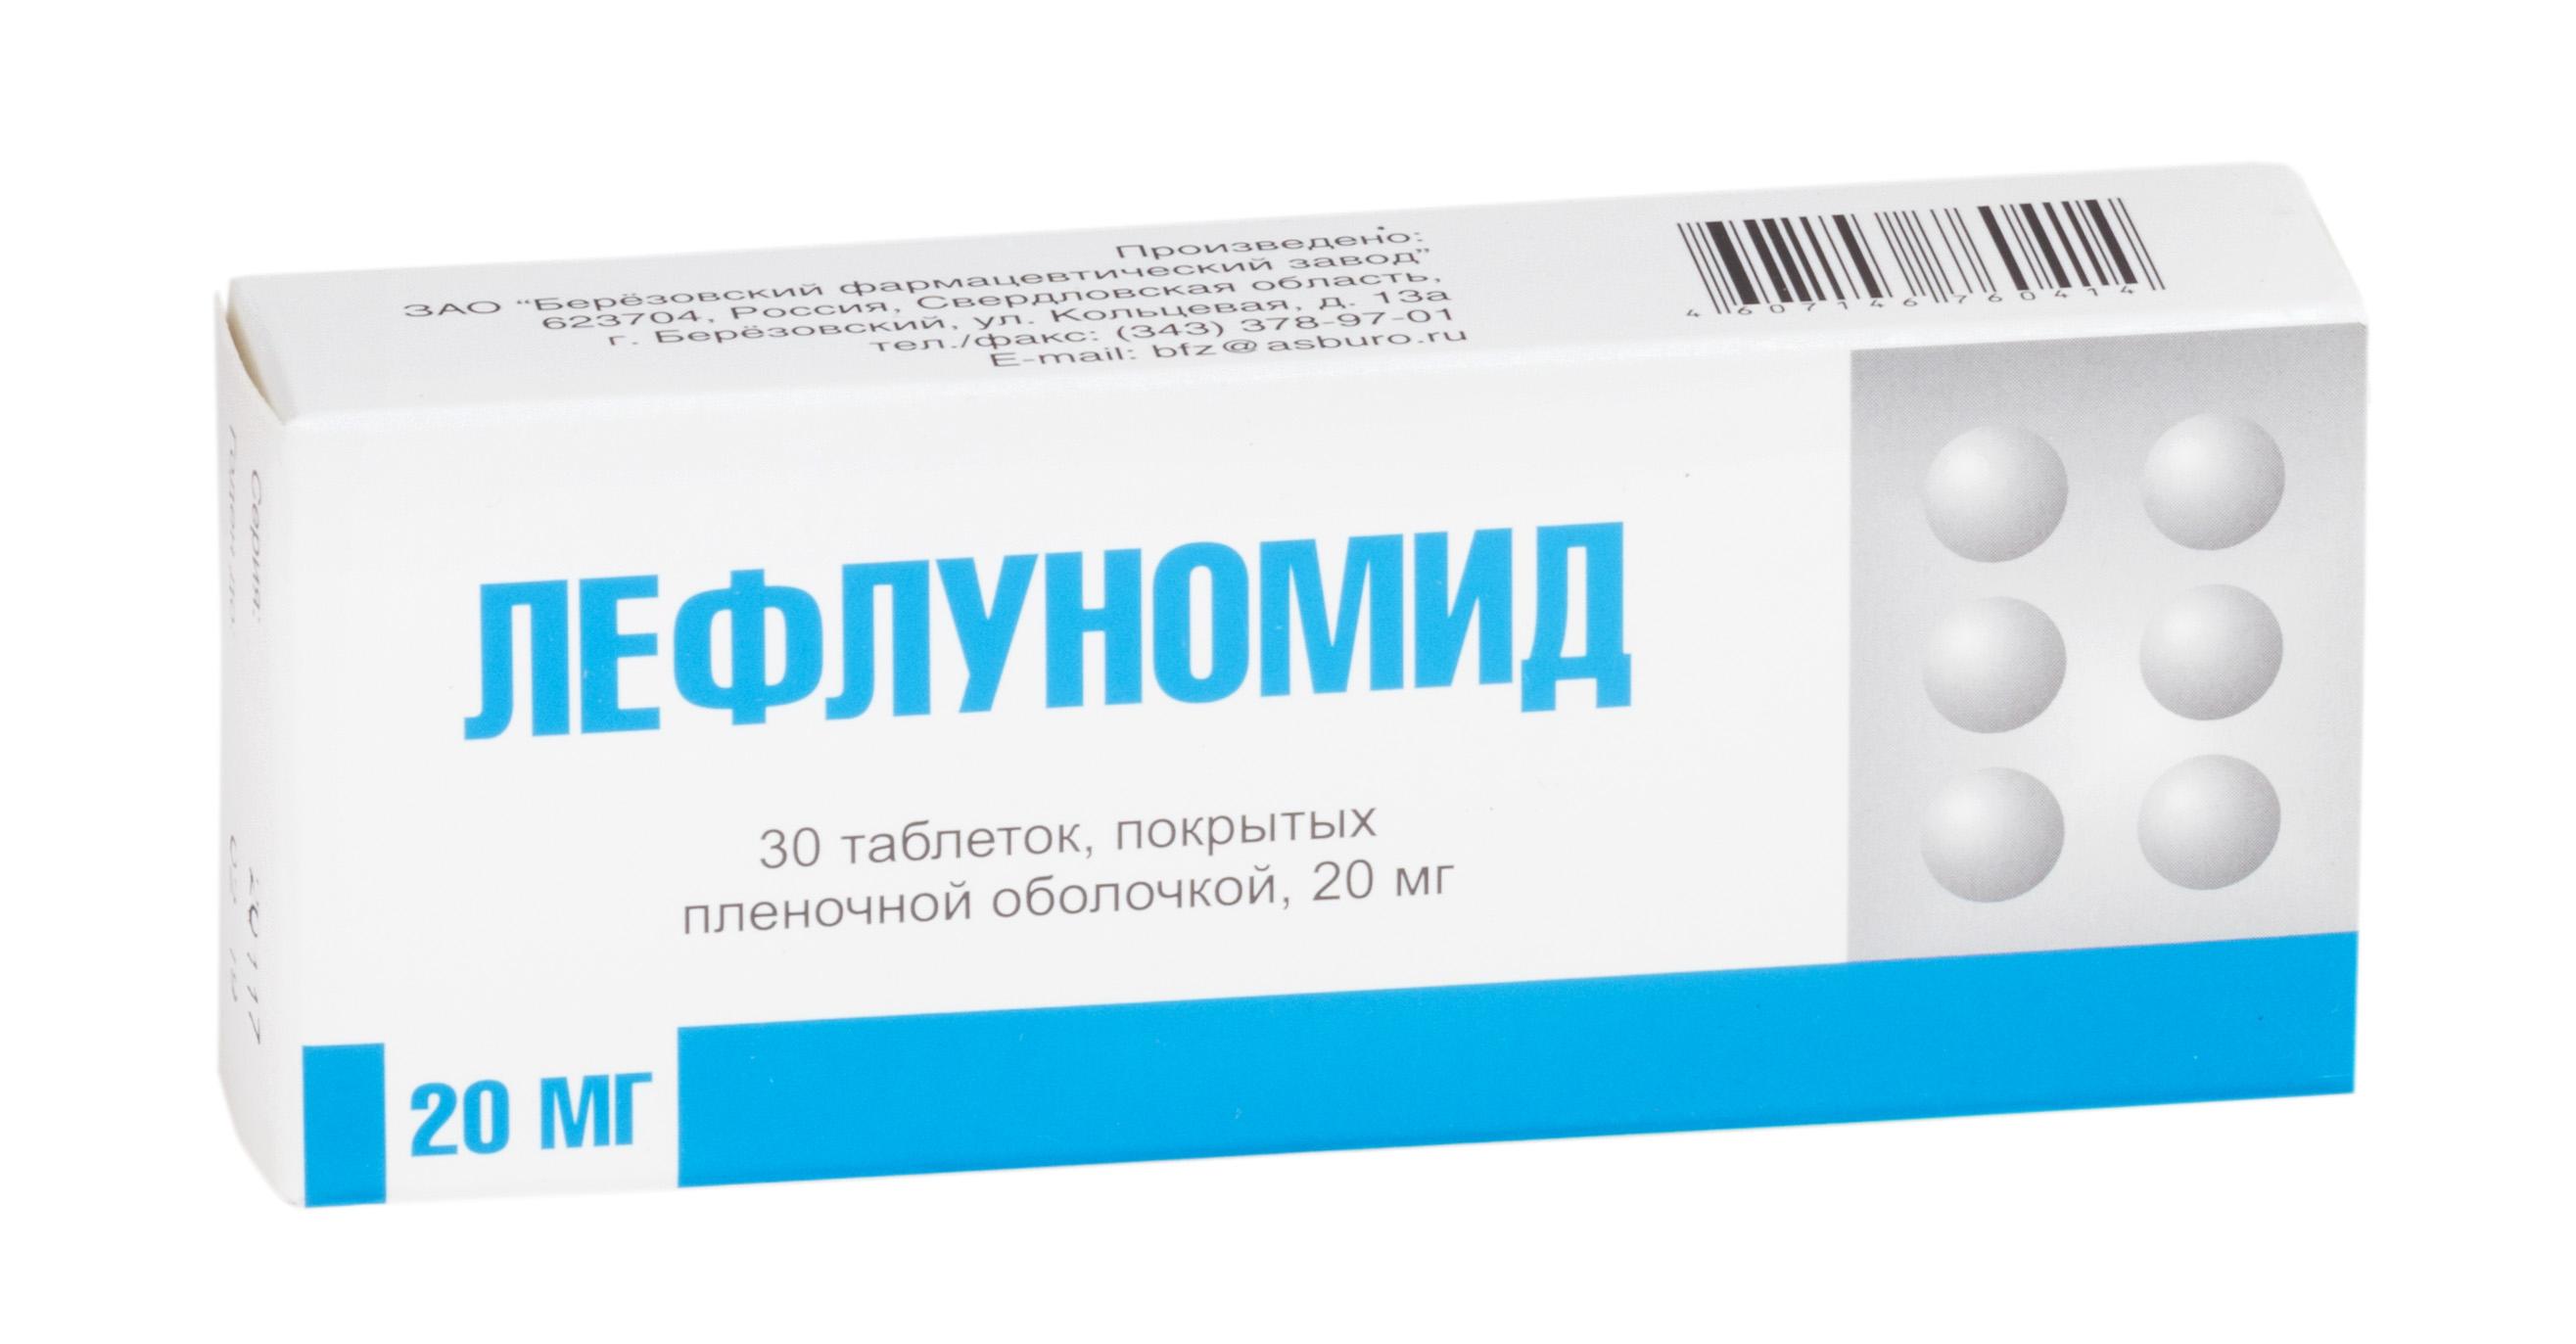 Лефлуномид табл. п.п.о. 20 мг №30